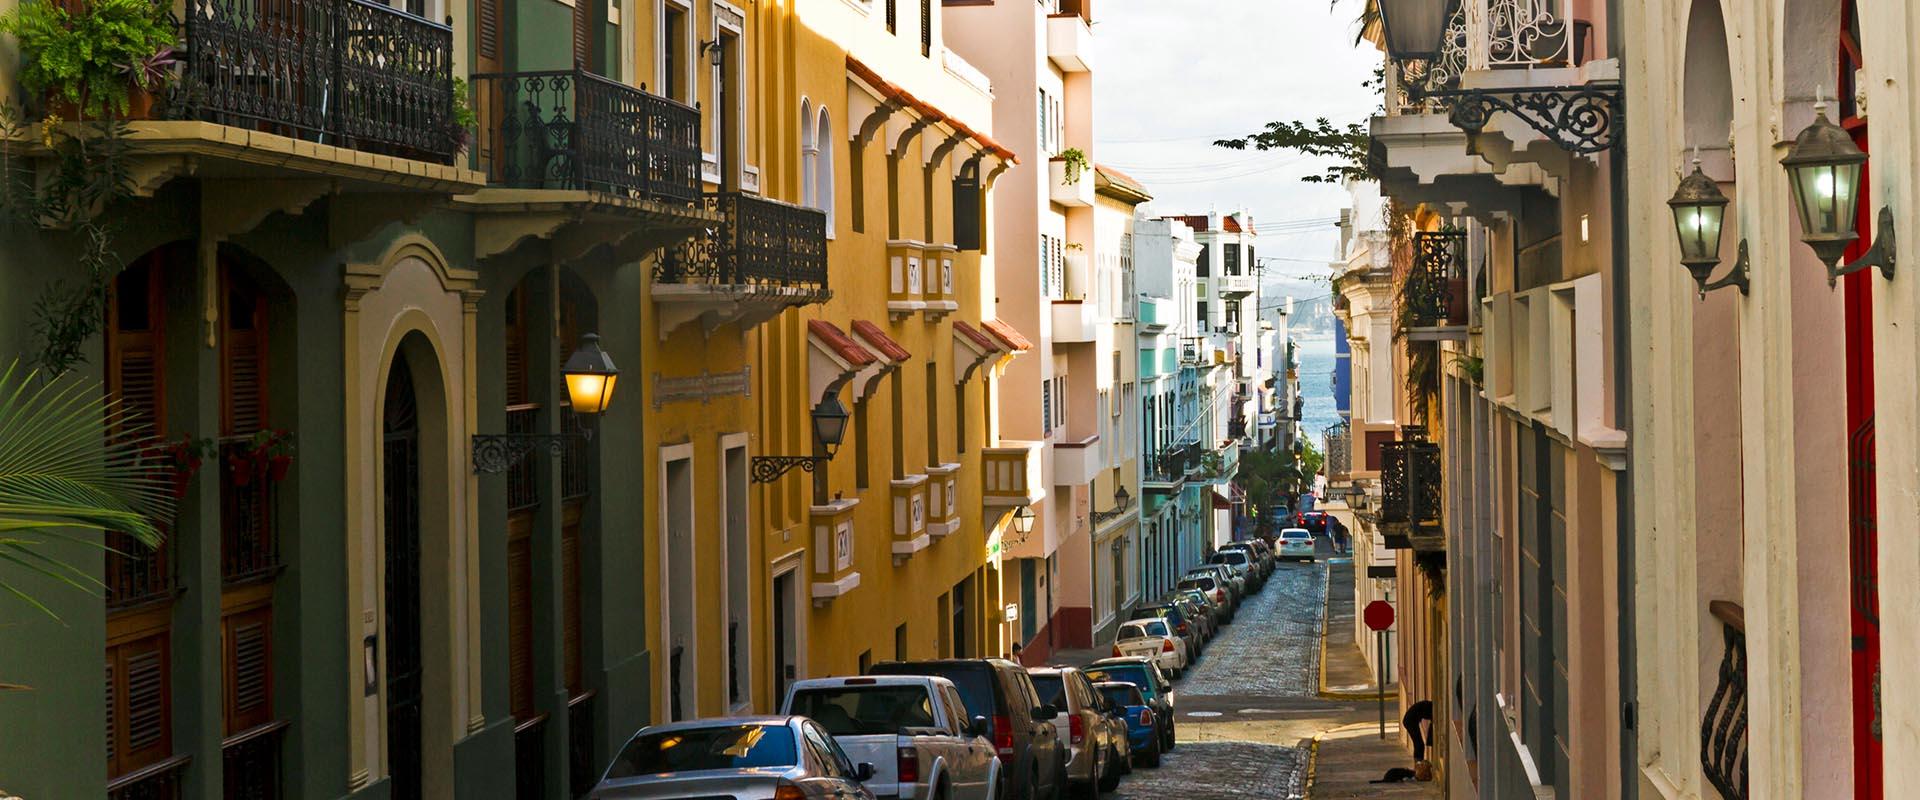 Dias Feriados En Puerto Rico 2020 Publicholidays La